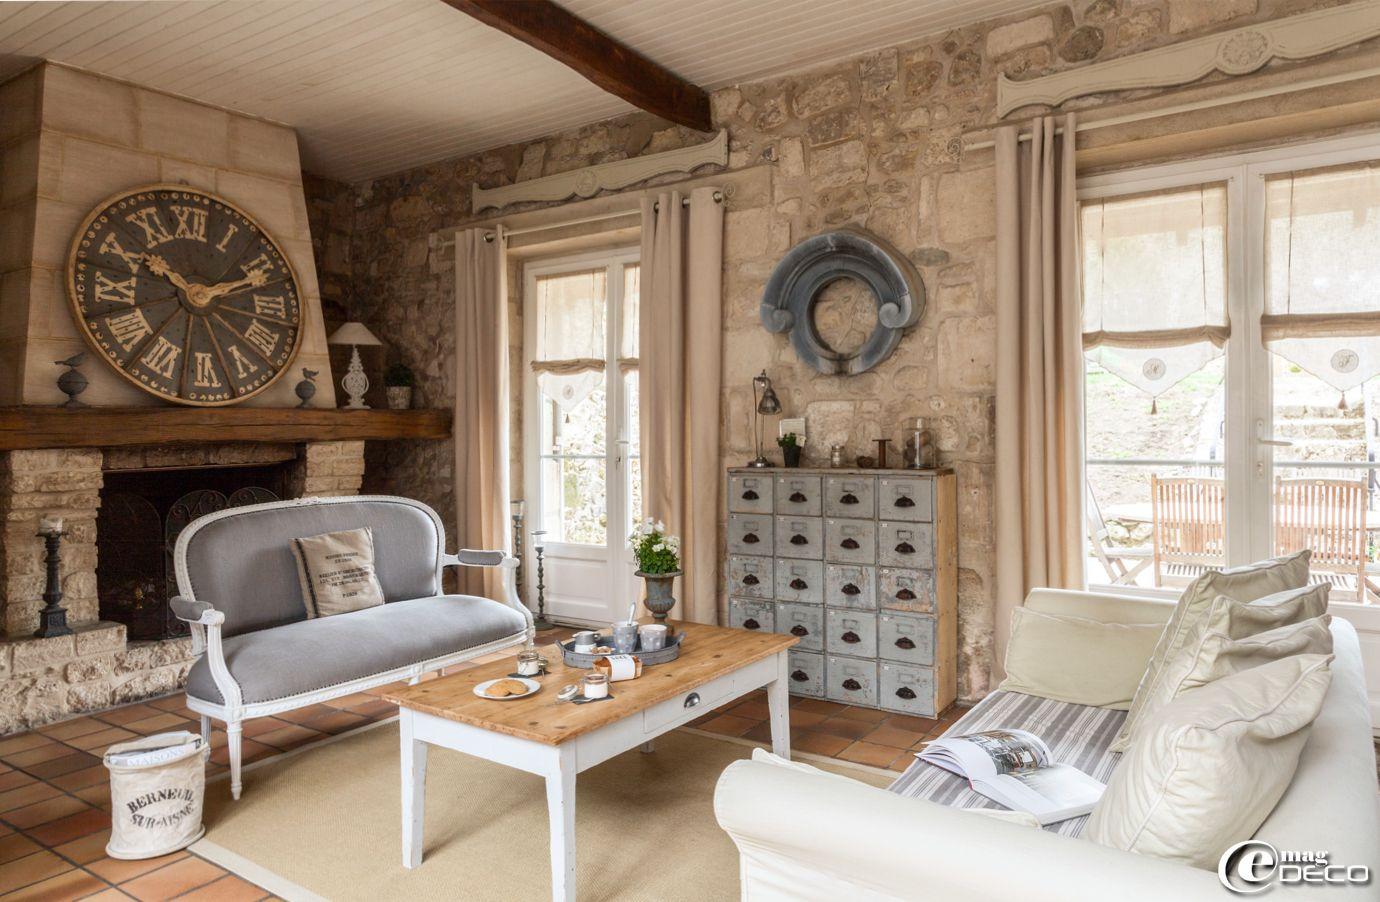 une maison de famille en picardie e magdeco magazine de d coration szaro pinterest. Black Bedroom Furniture Sets. Home Design Ideas